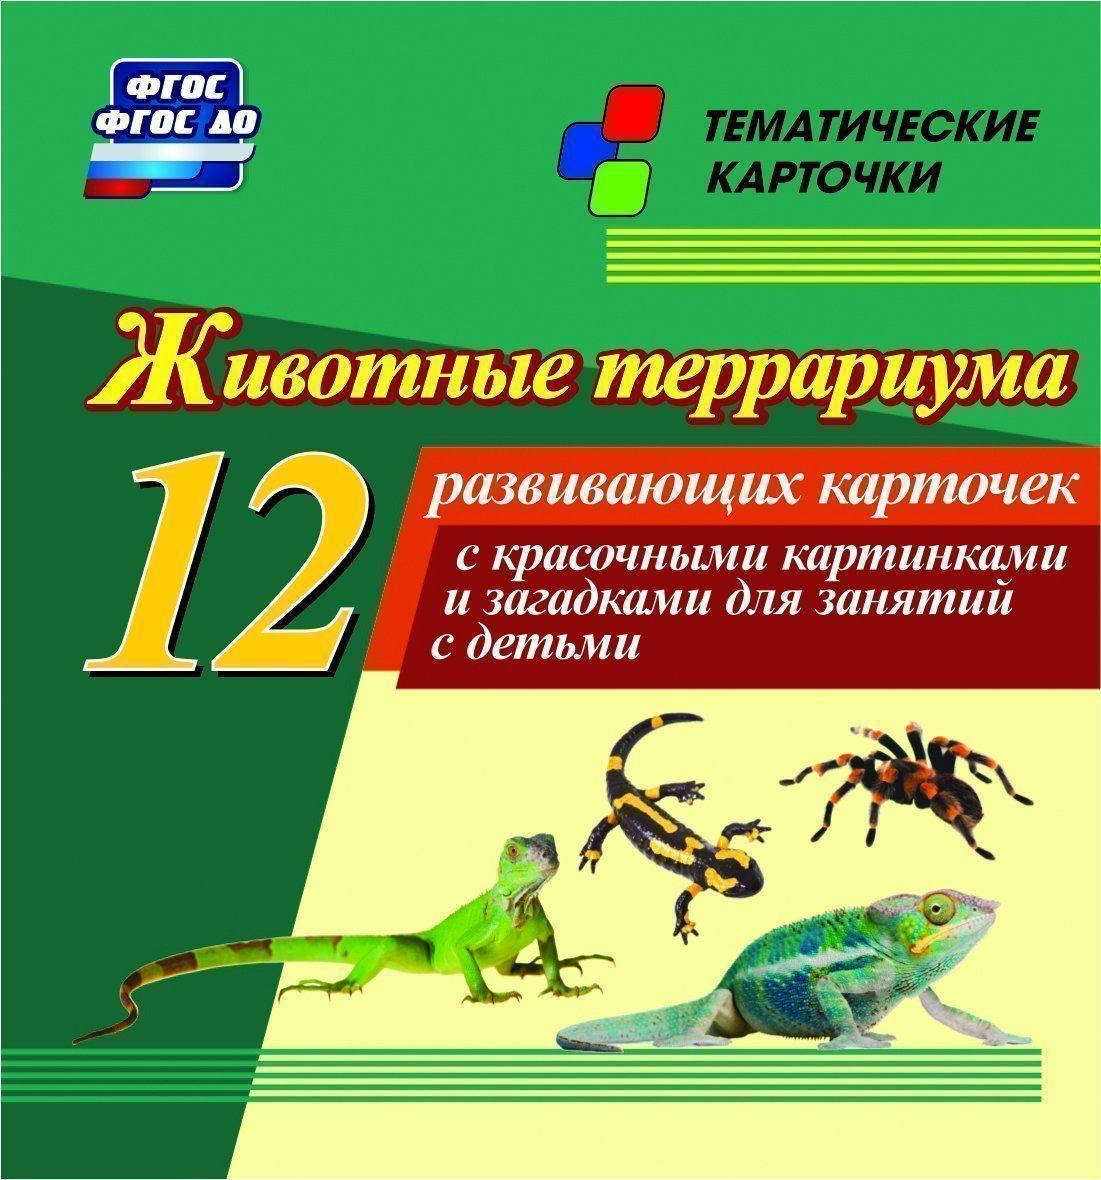 Животные террариума: 12 развивающих карточек с красочными картинками и загадками для занятий детьми.